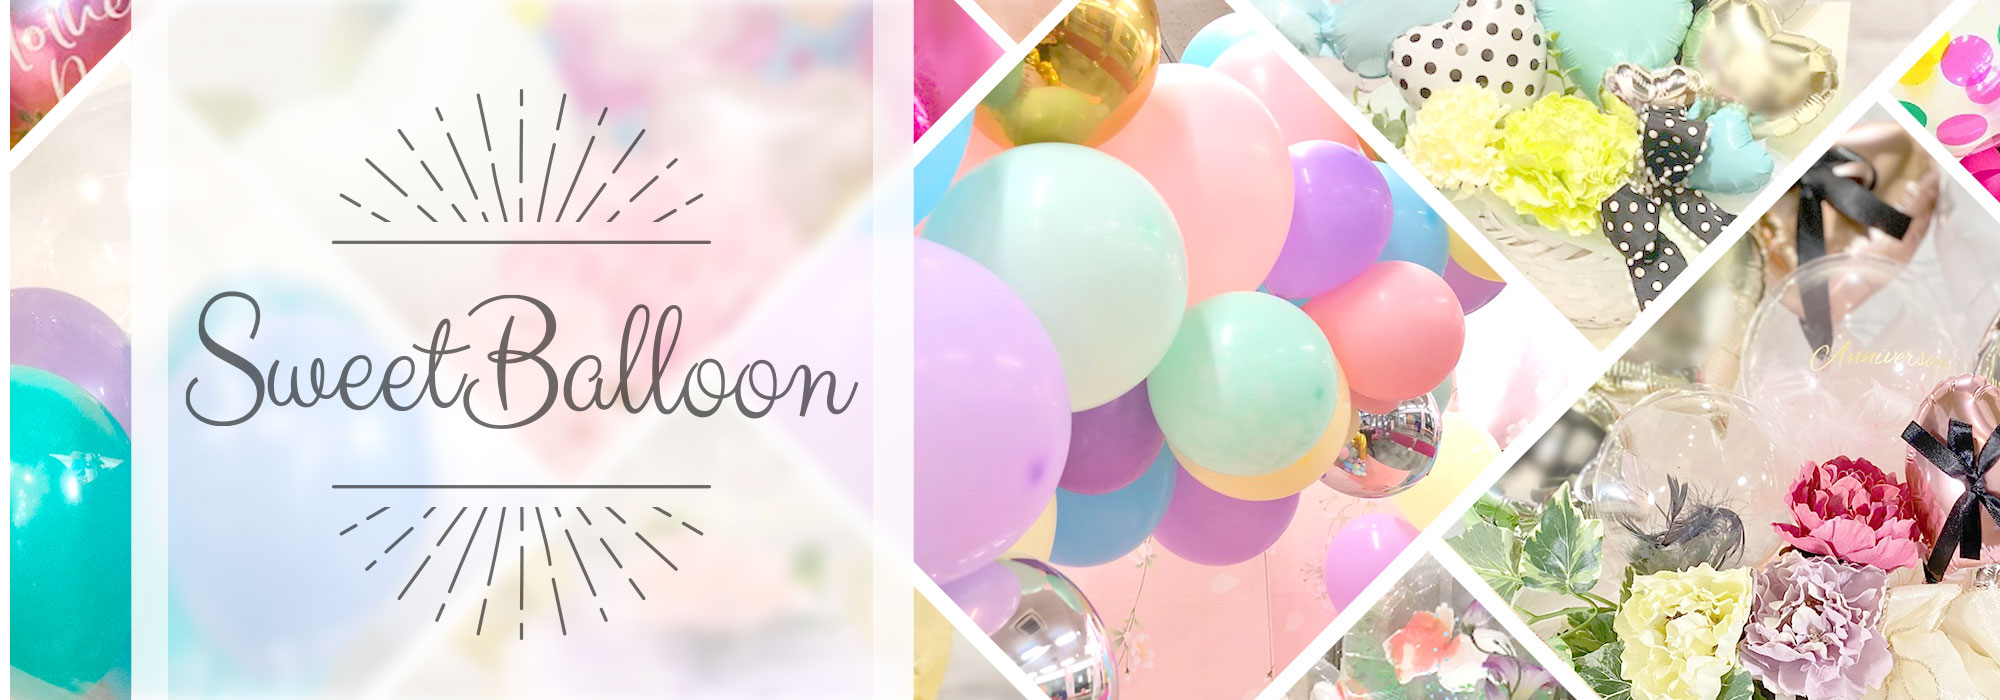 お祝い事や記念日を彩る、大人かわいいバルーンギフト